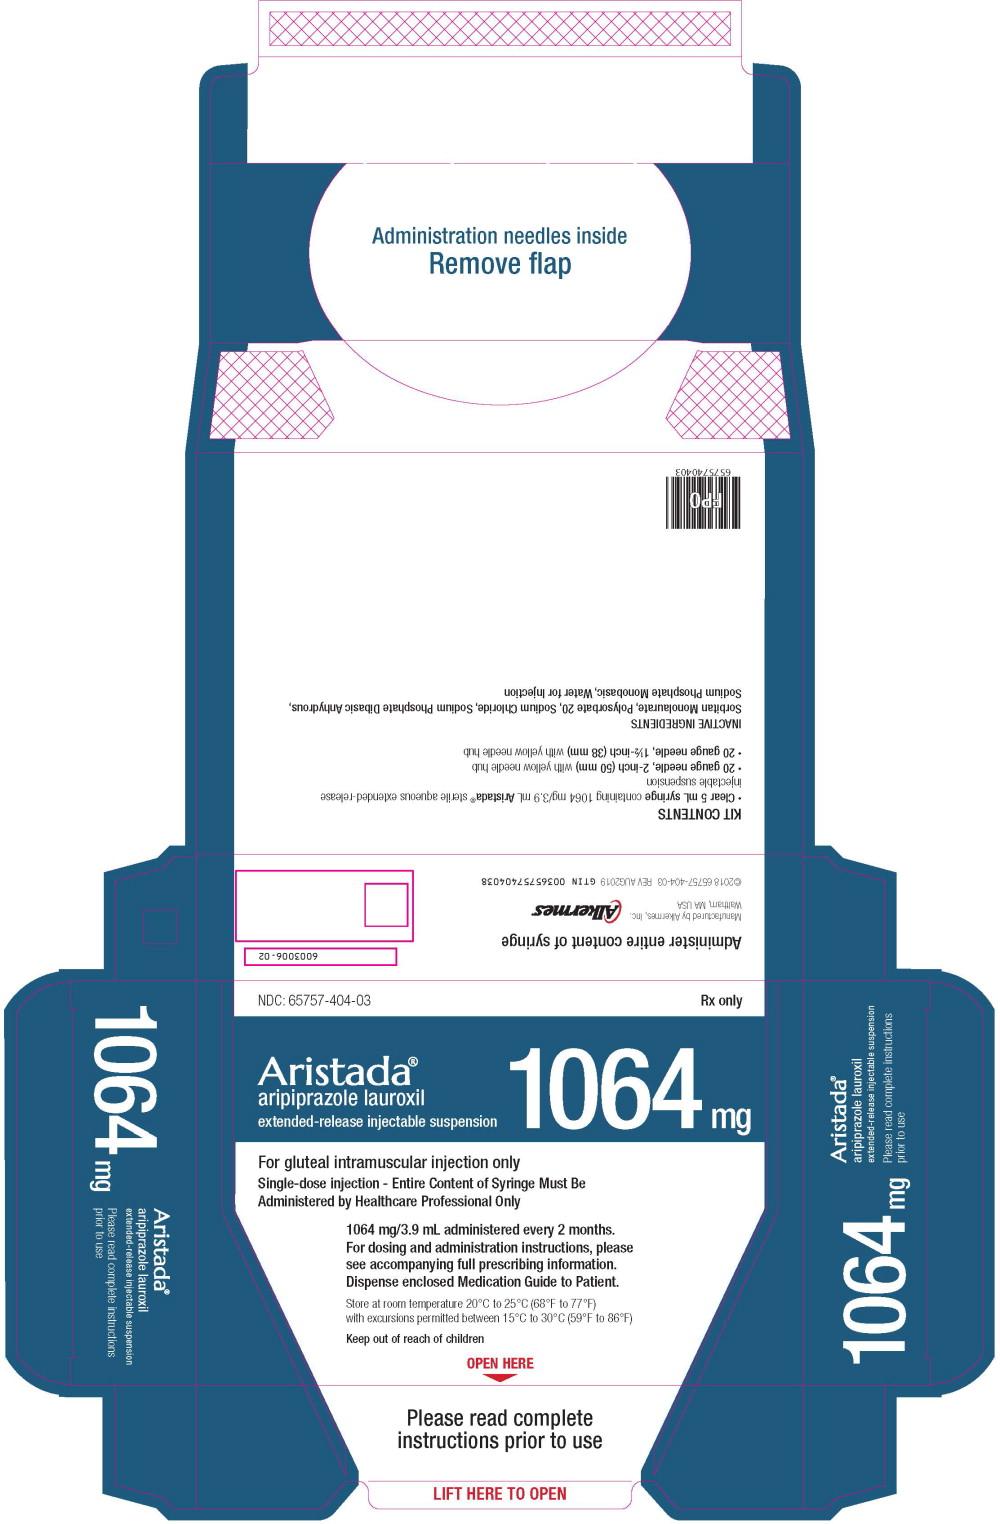 Principal Display Panel - 1064 mg/3.9 mL Carton Label